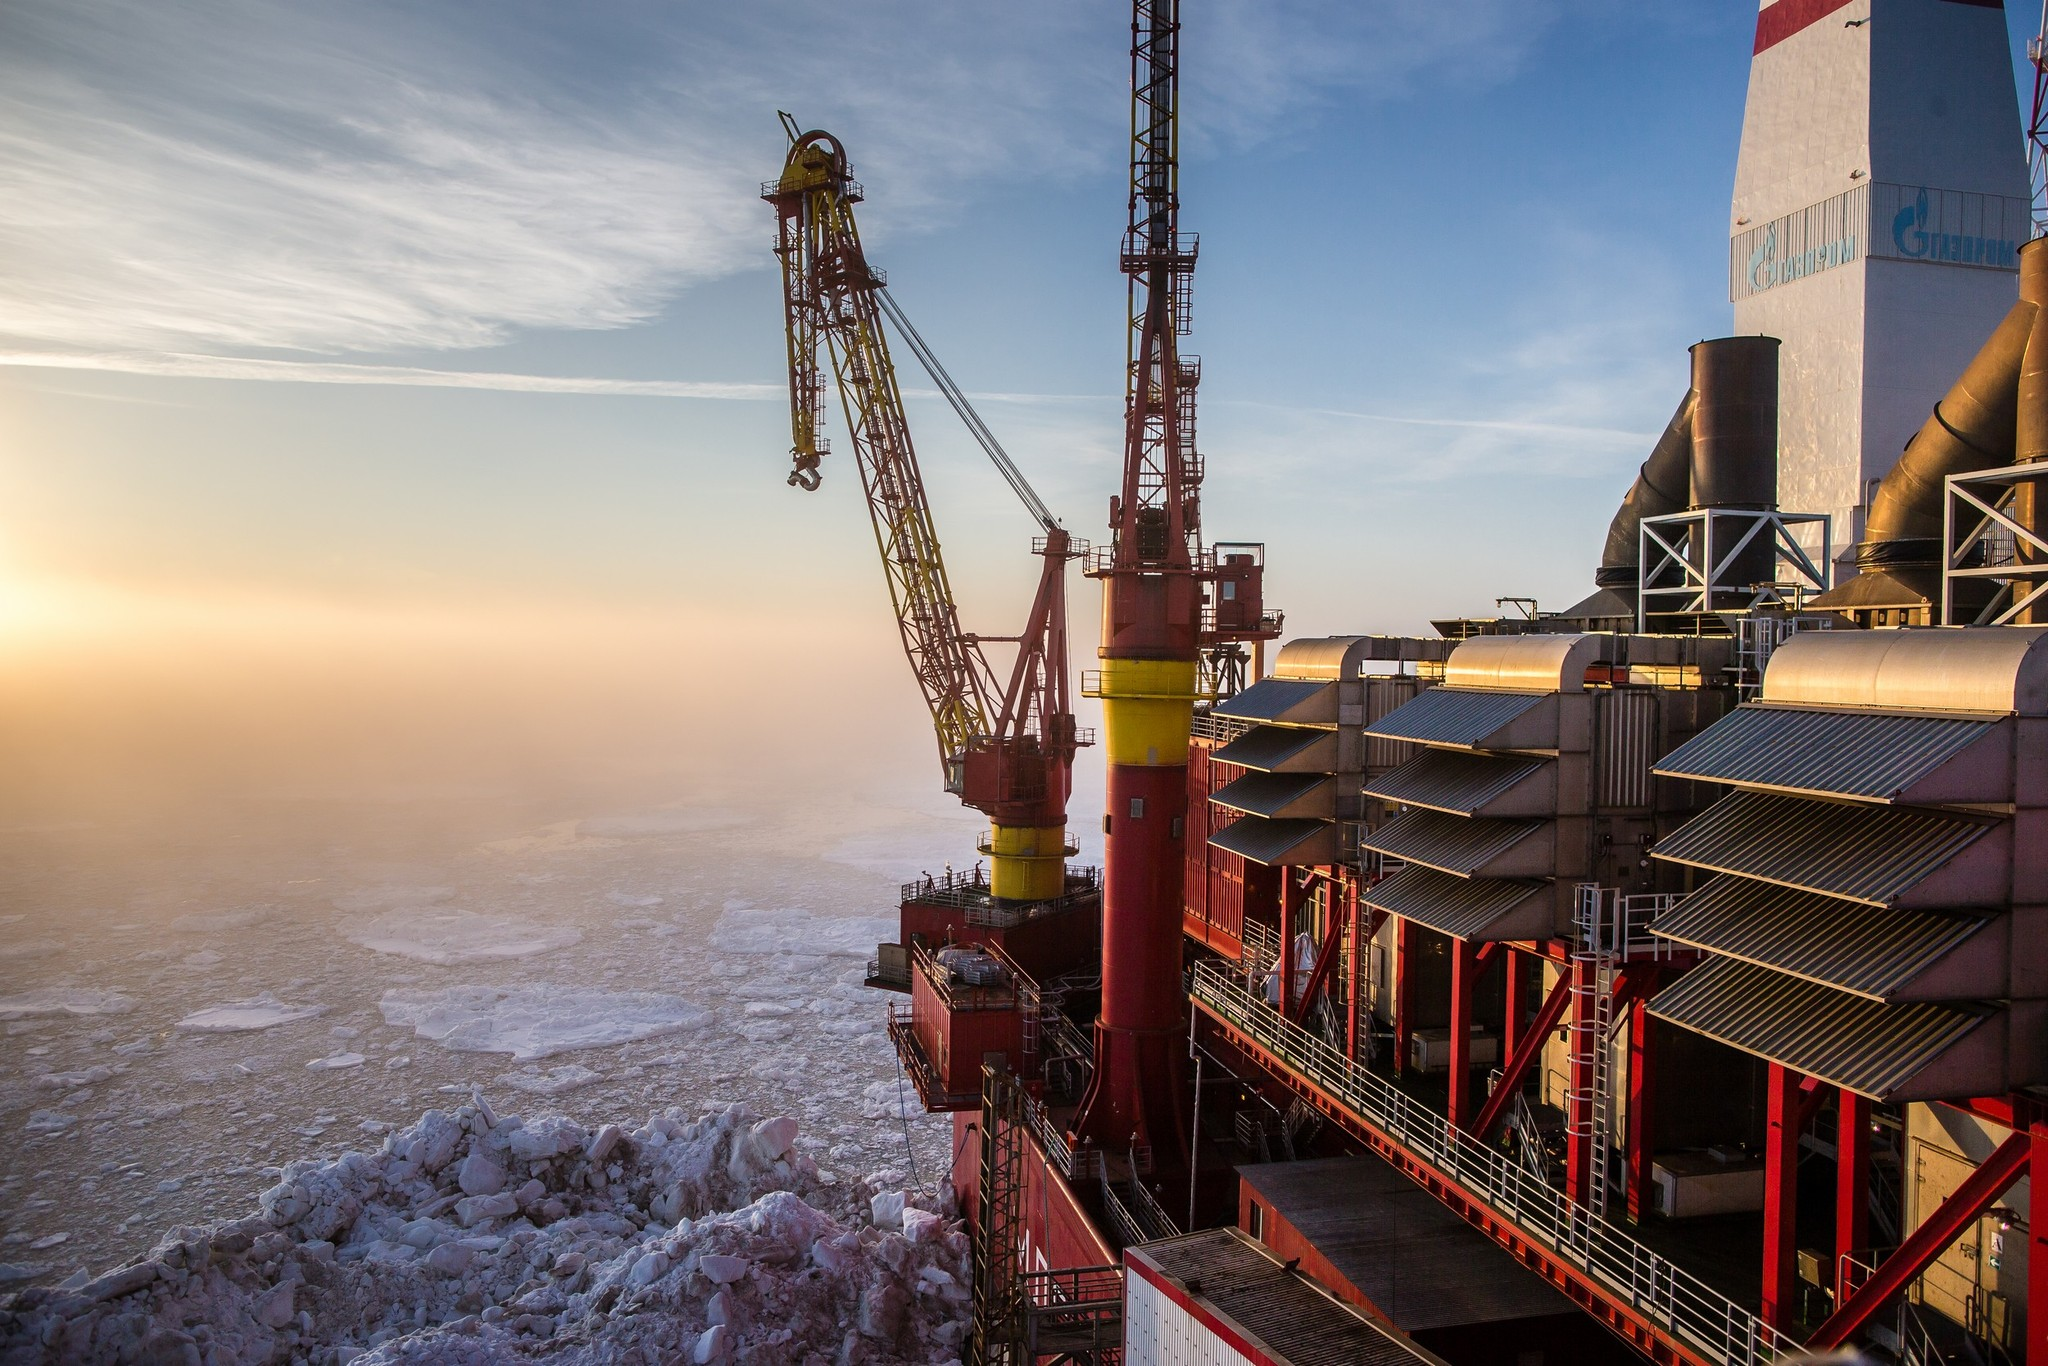 Стоимость нефти Brent стремится вверх к $51 за баррель